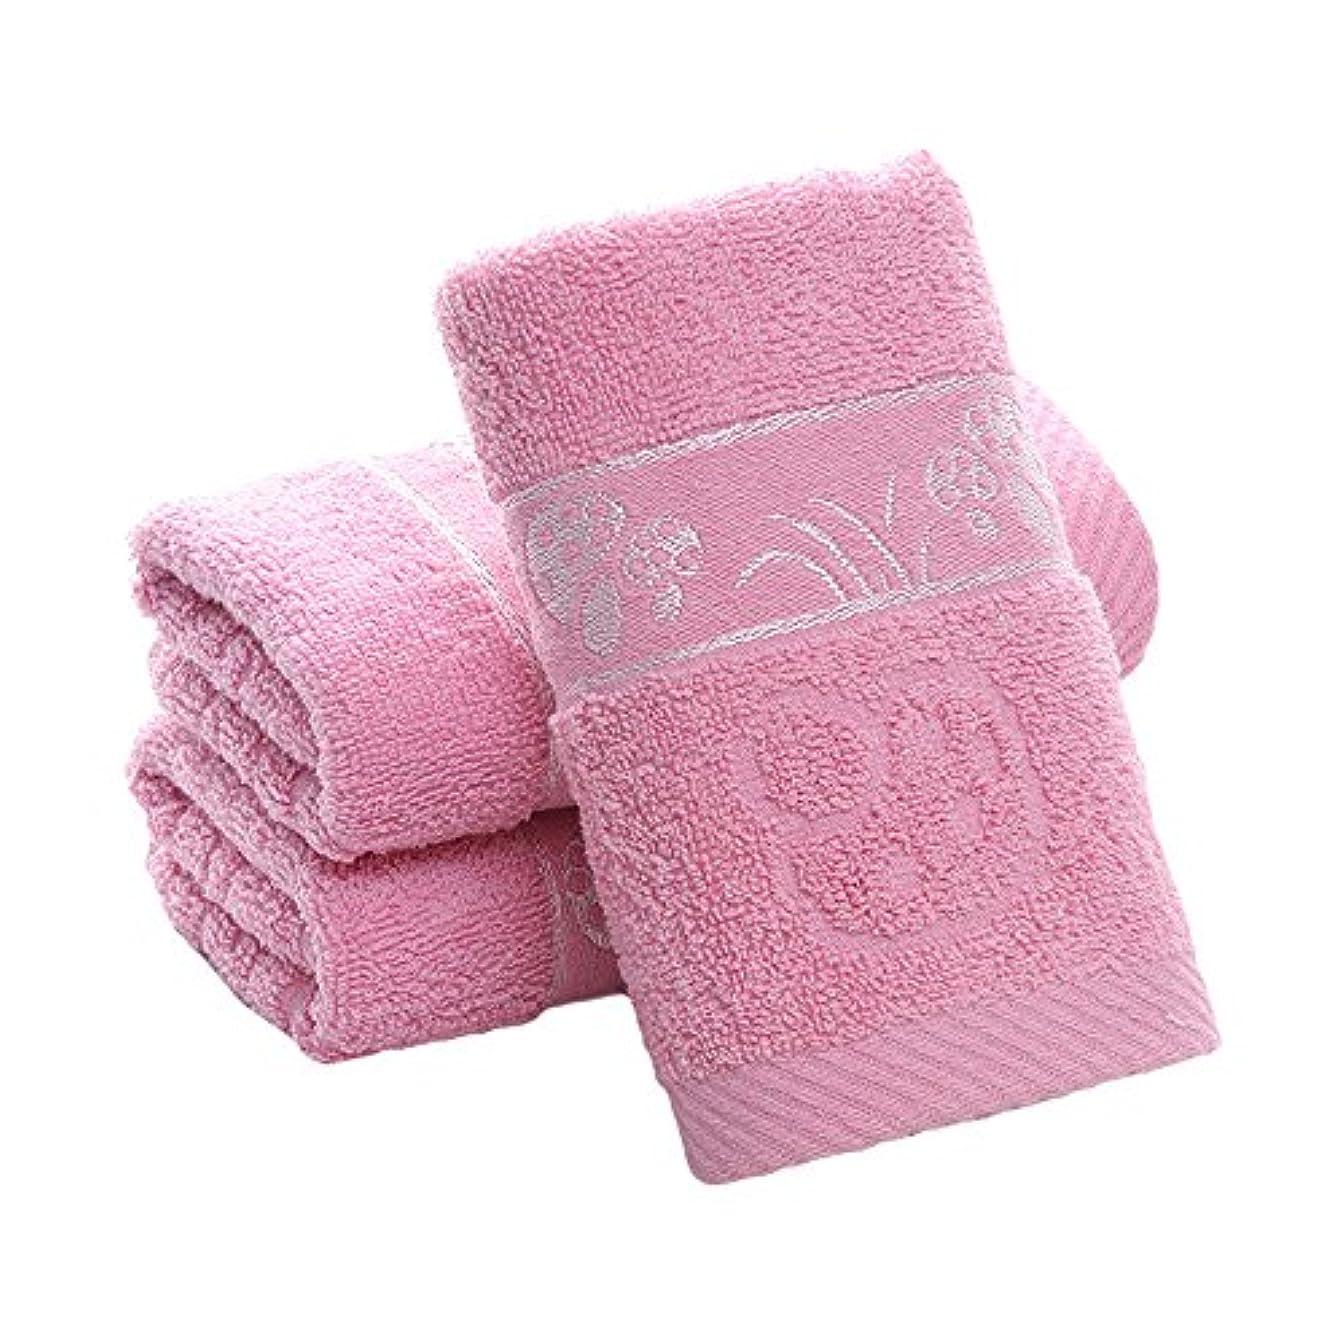 挑発するマサッチョ熱帯の3枚セント フェイスタオル 厚手 安い おしゃれ 人気  抗菌 吸水 ピンク